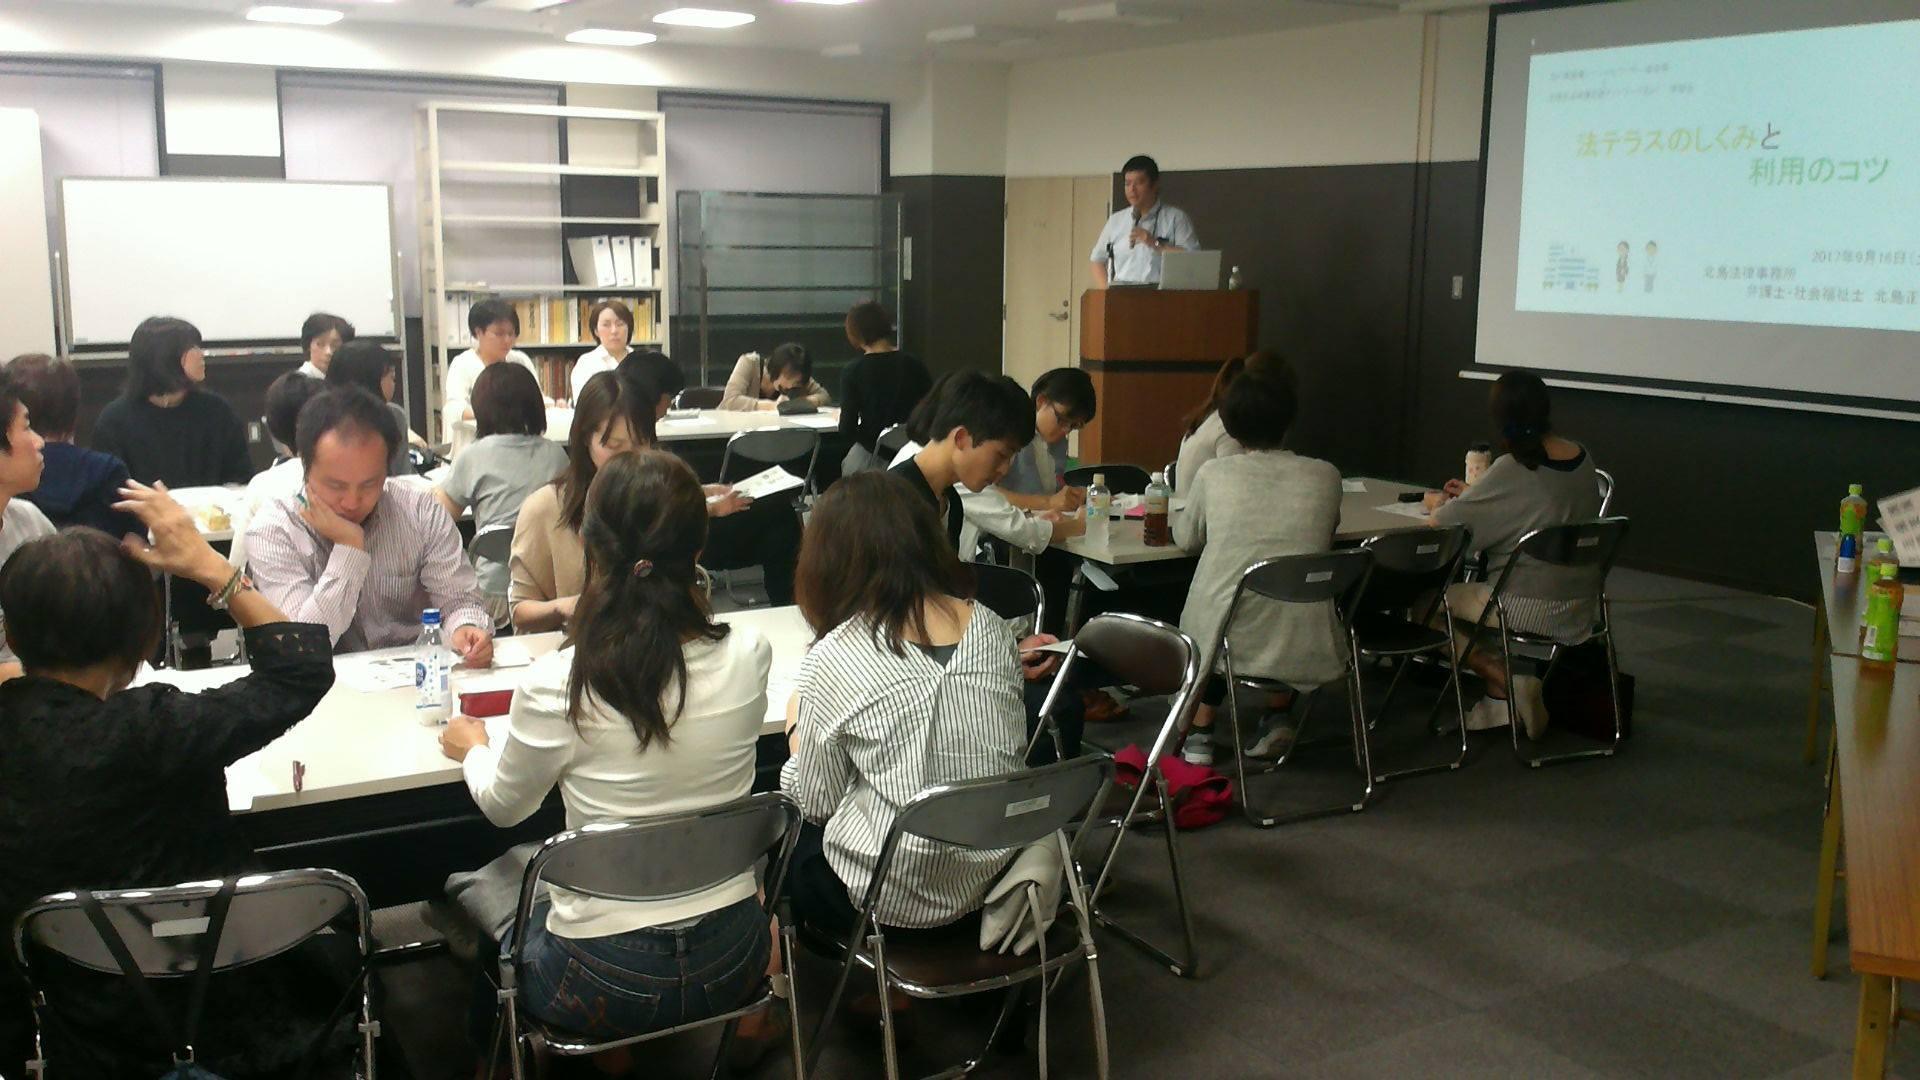 170915 石川県医療ソーシャルワーカー協会